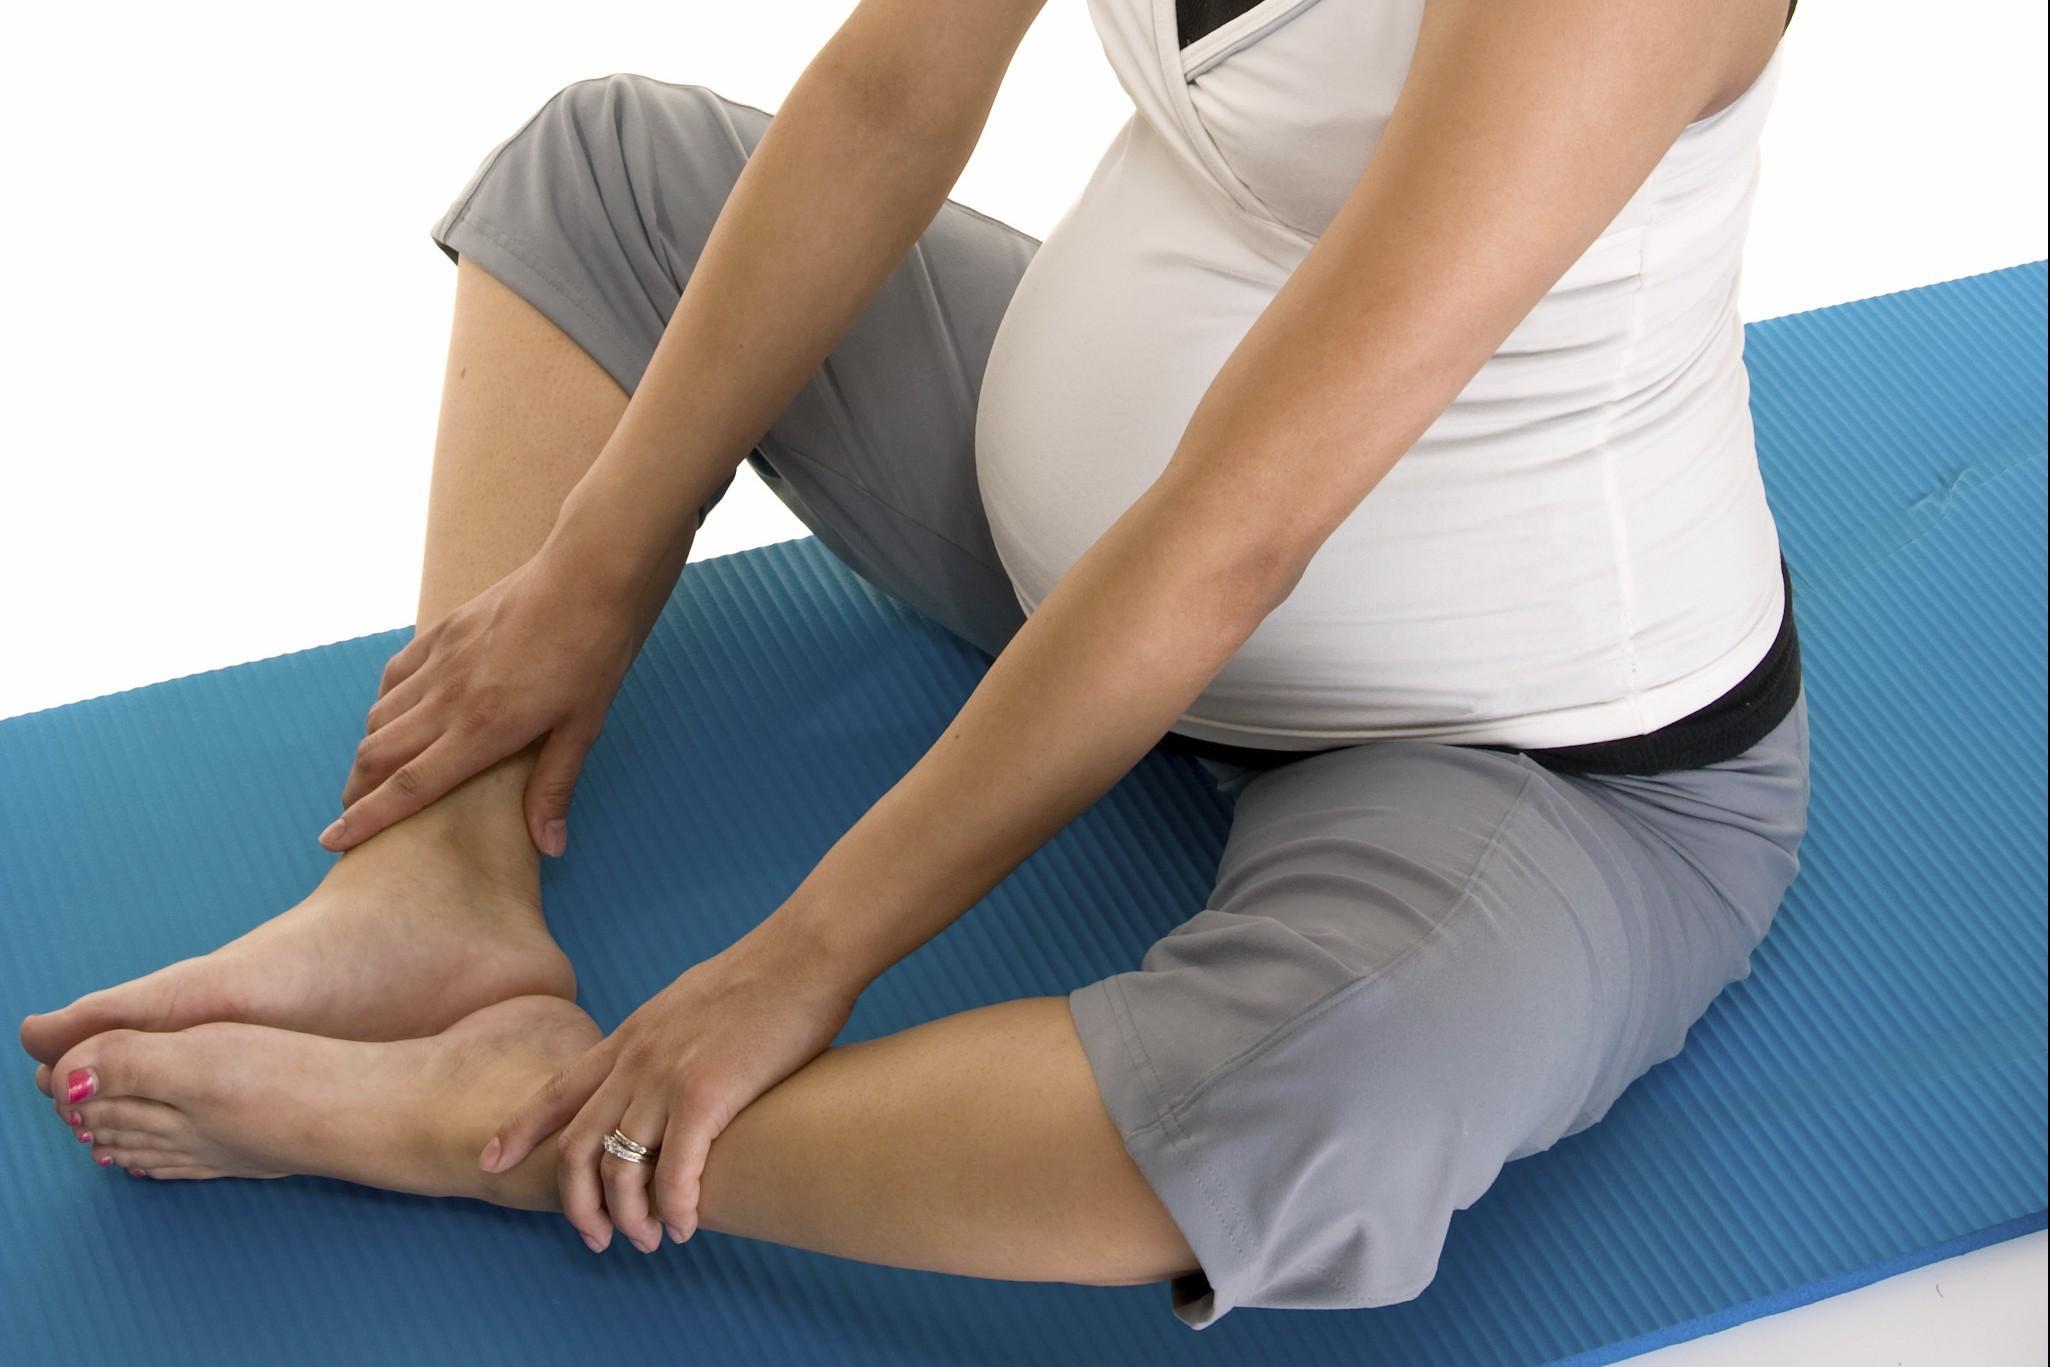 esercizi di respirazione in gravidanza